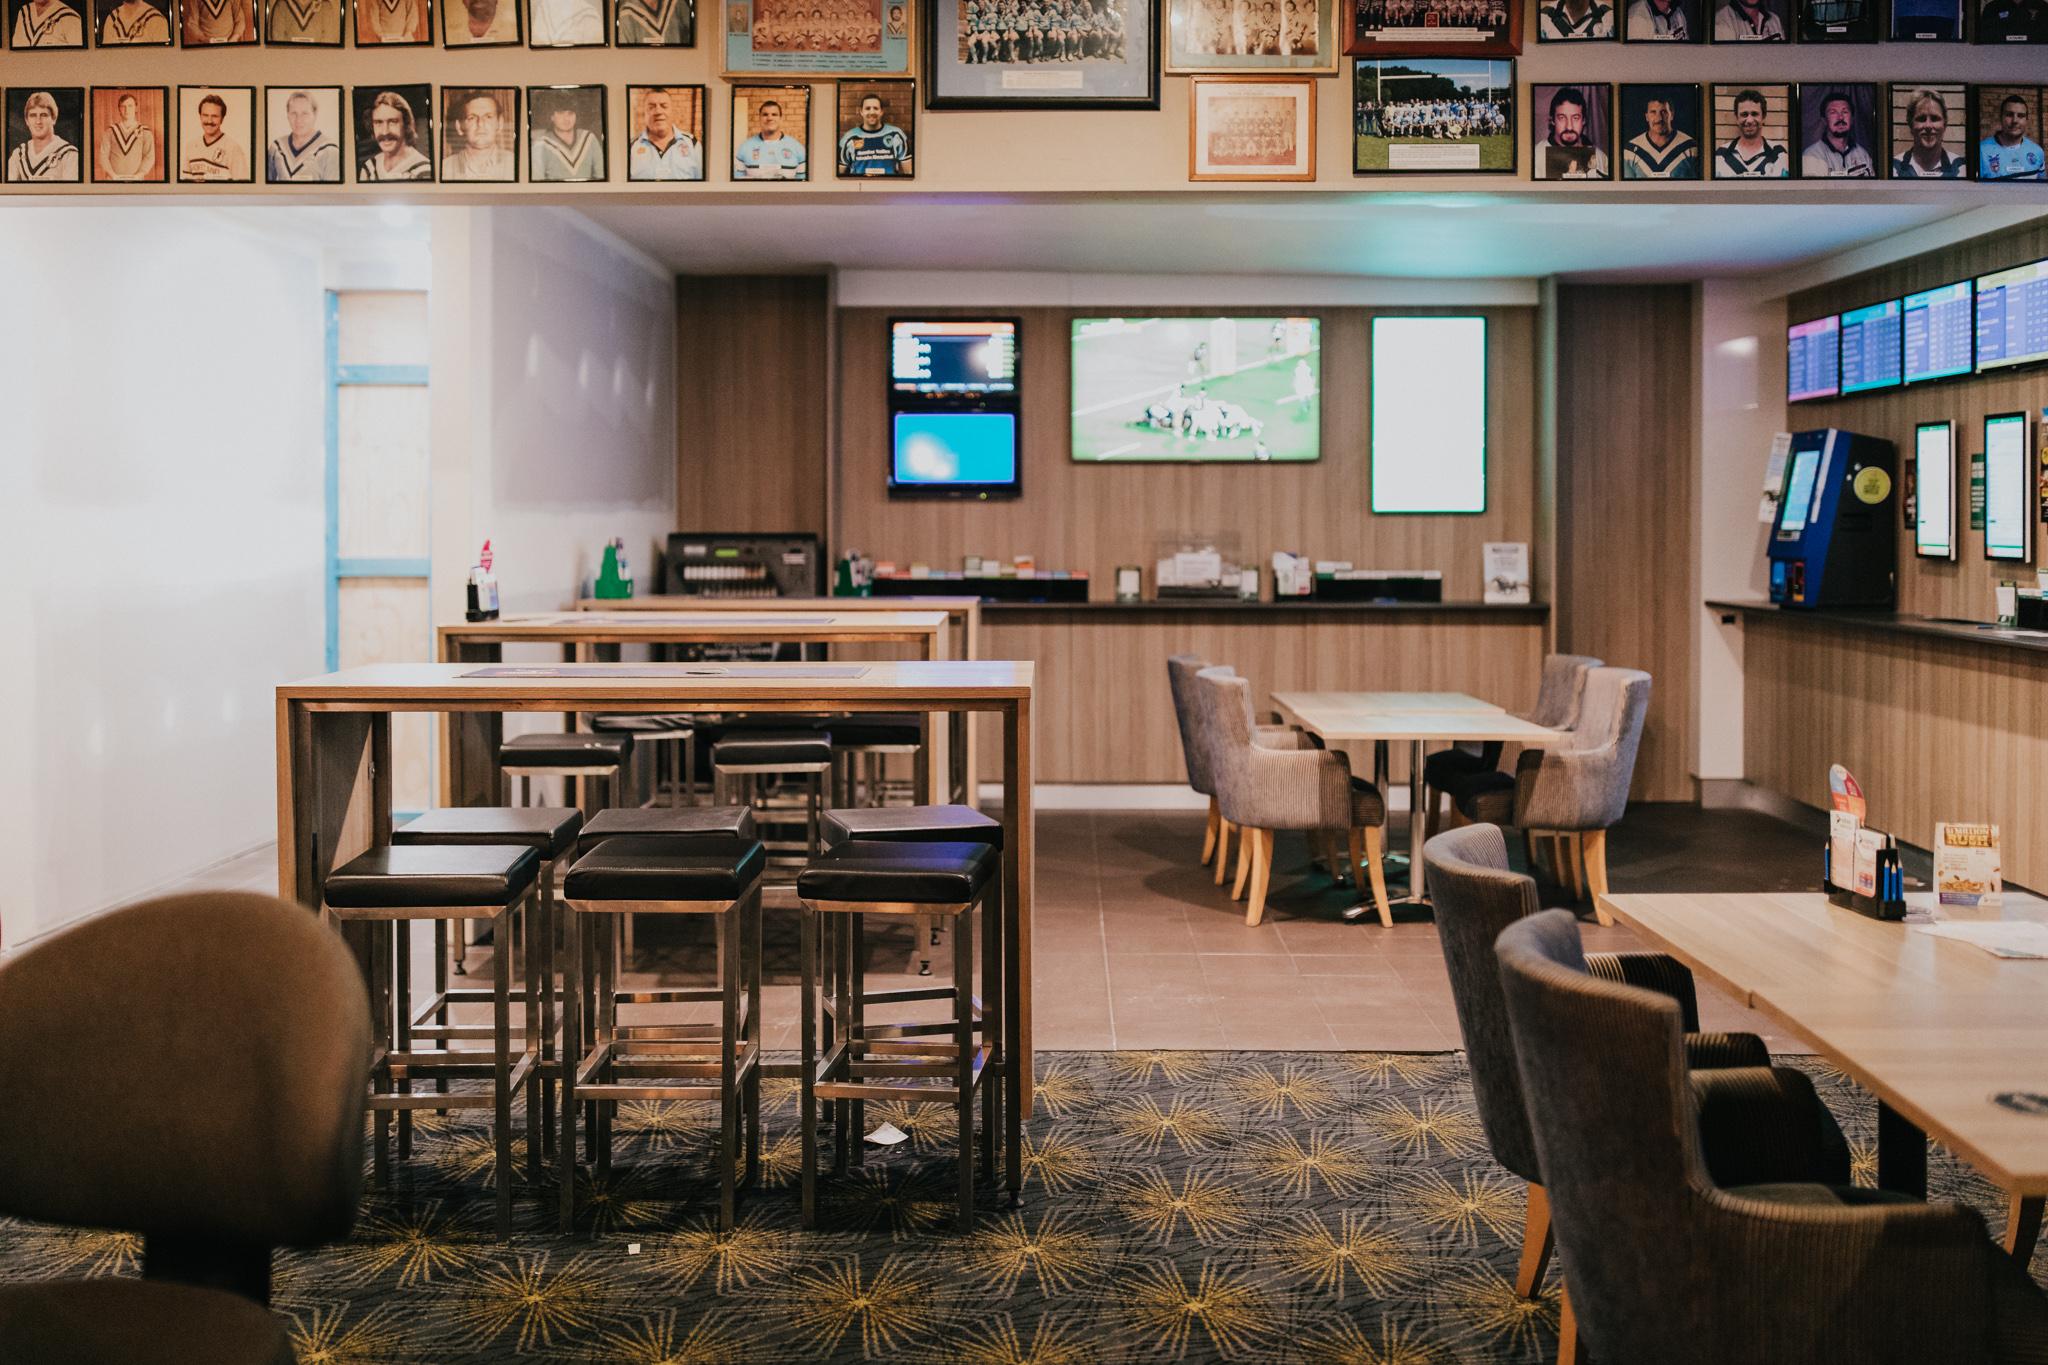 Shortland Hotel (29-8-19) - Social Media Size-10.jpg